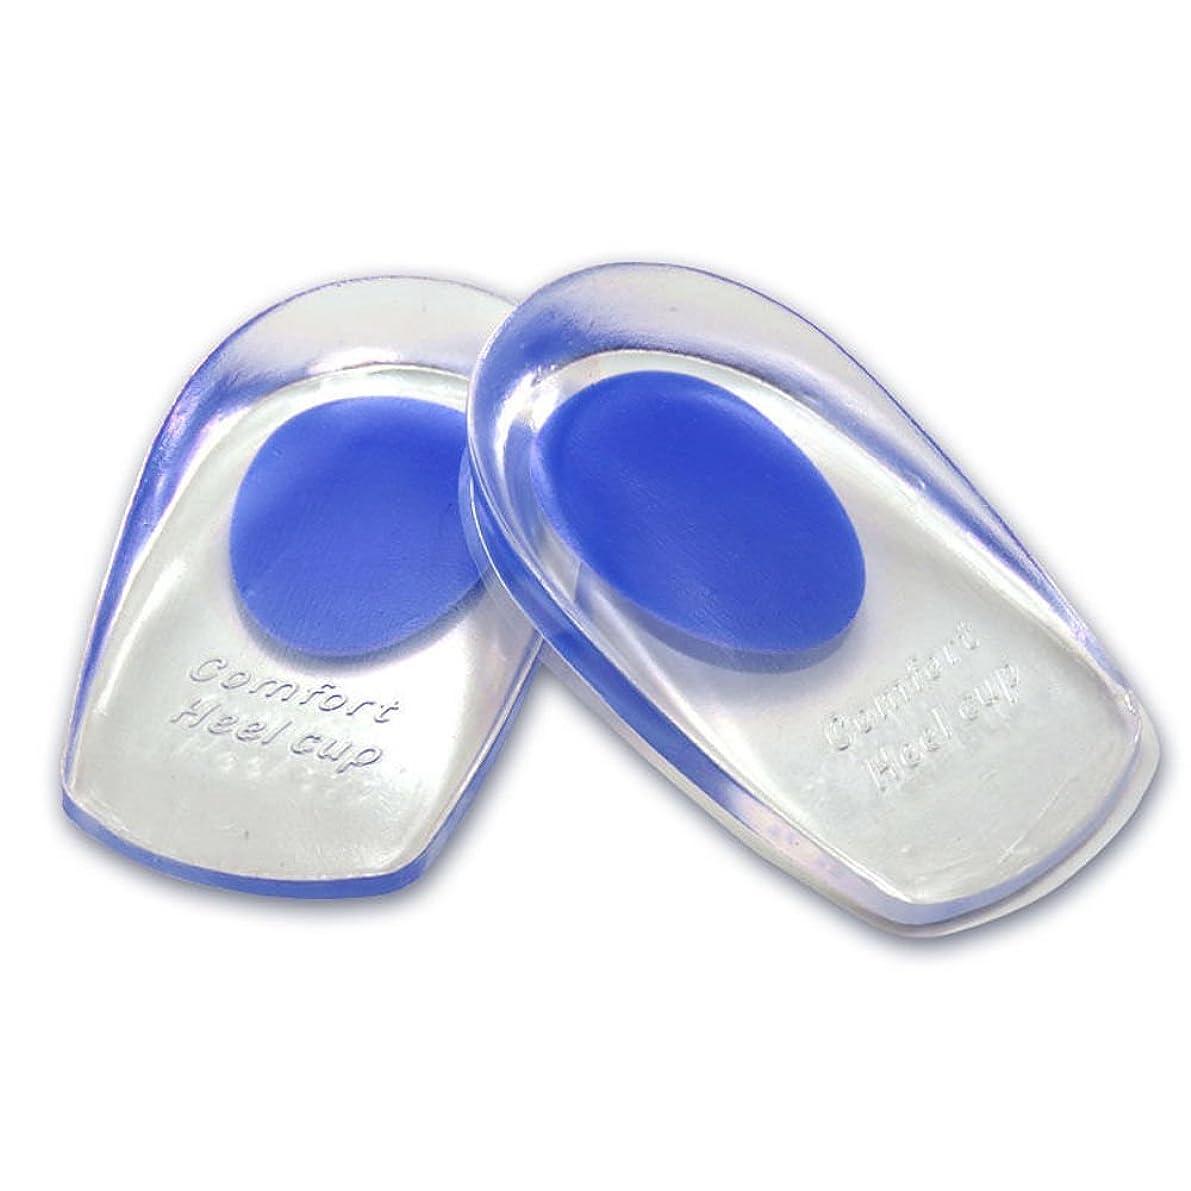 日スピーカーメロンシリコンヒールカップ かかとの痛み防止に ソフトシリコン製 インソールクッション 衝撃緩和 立体形状 フィット感抜群 FMTMXCA2S (ブルー(靴サイズ24.5~27.5cm用))